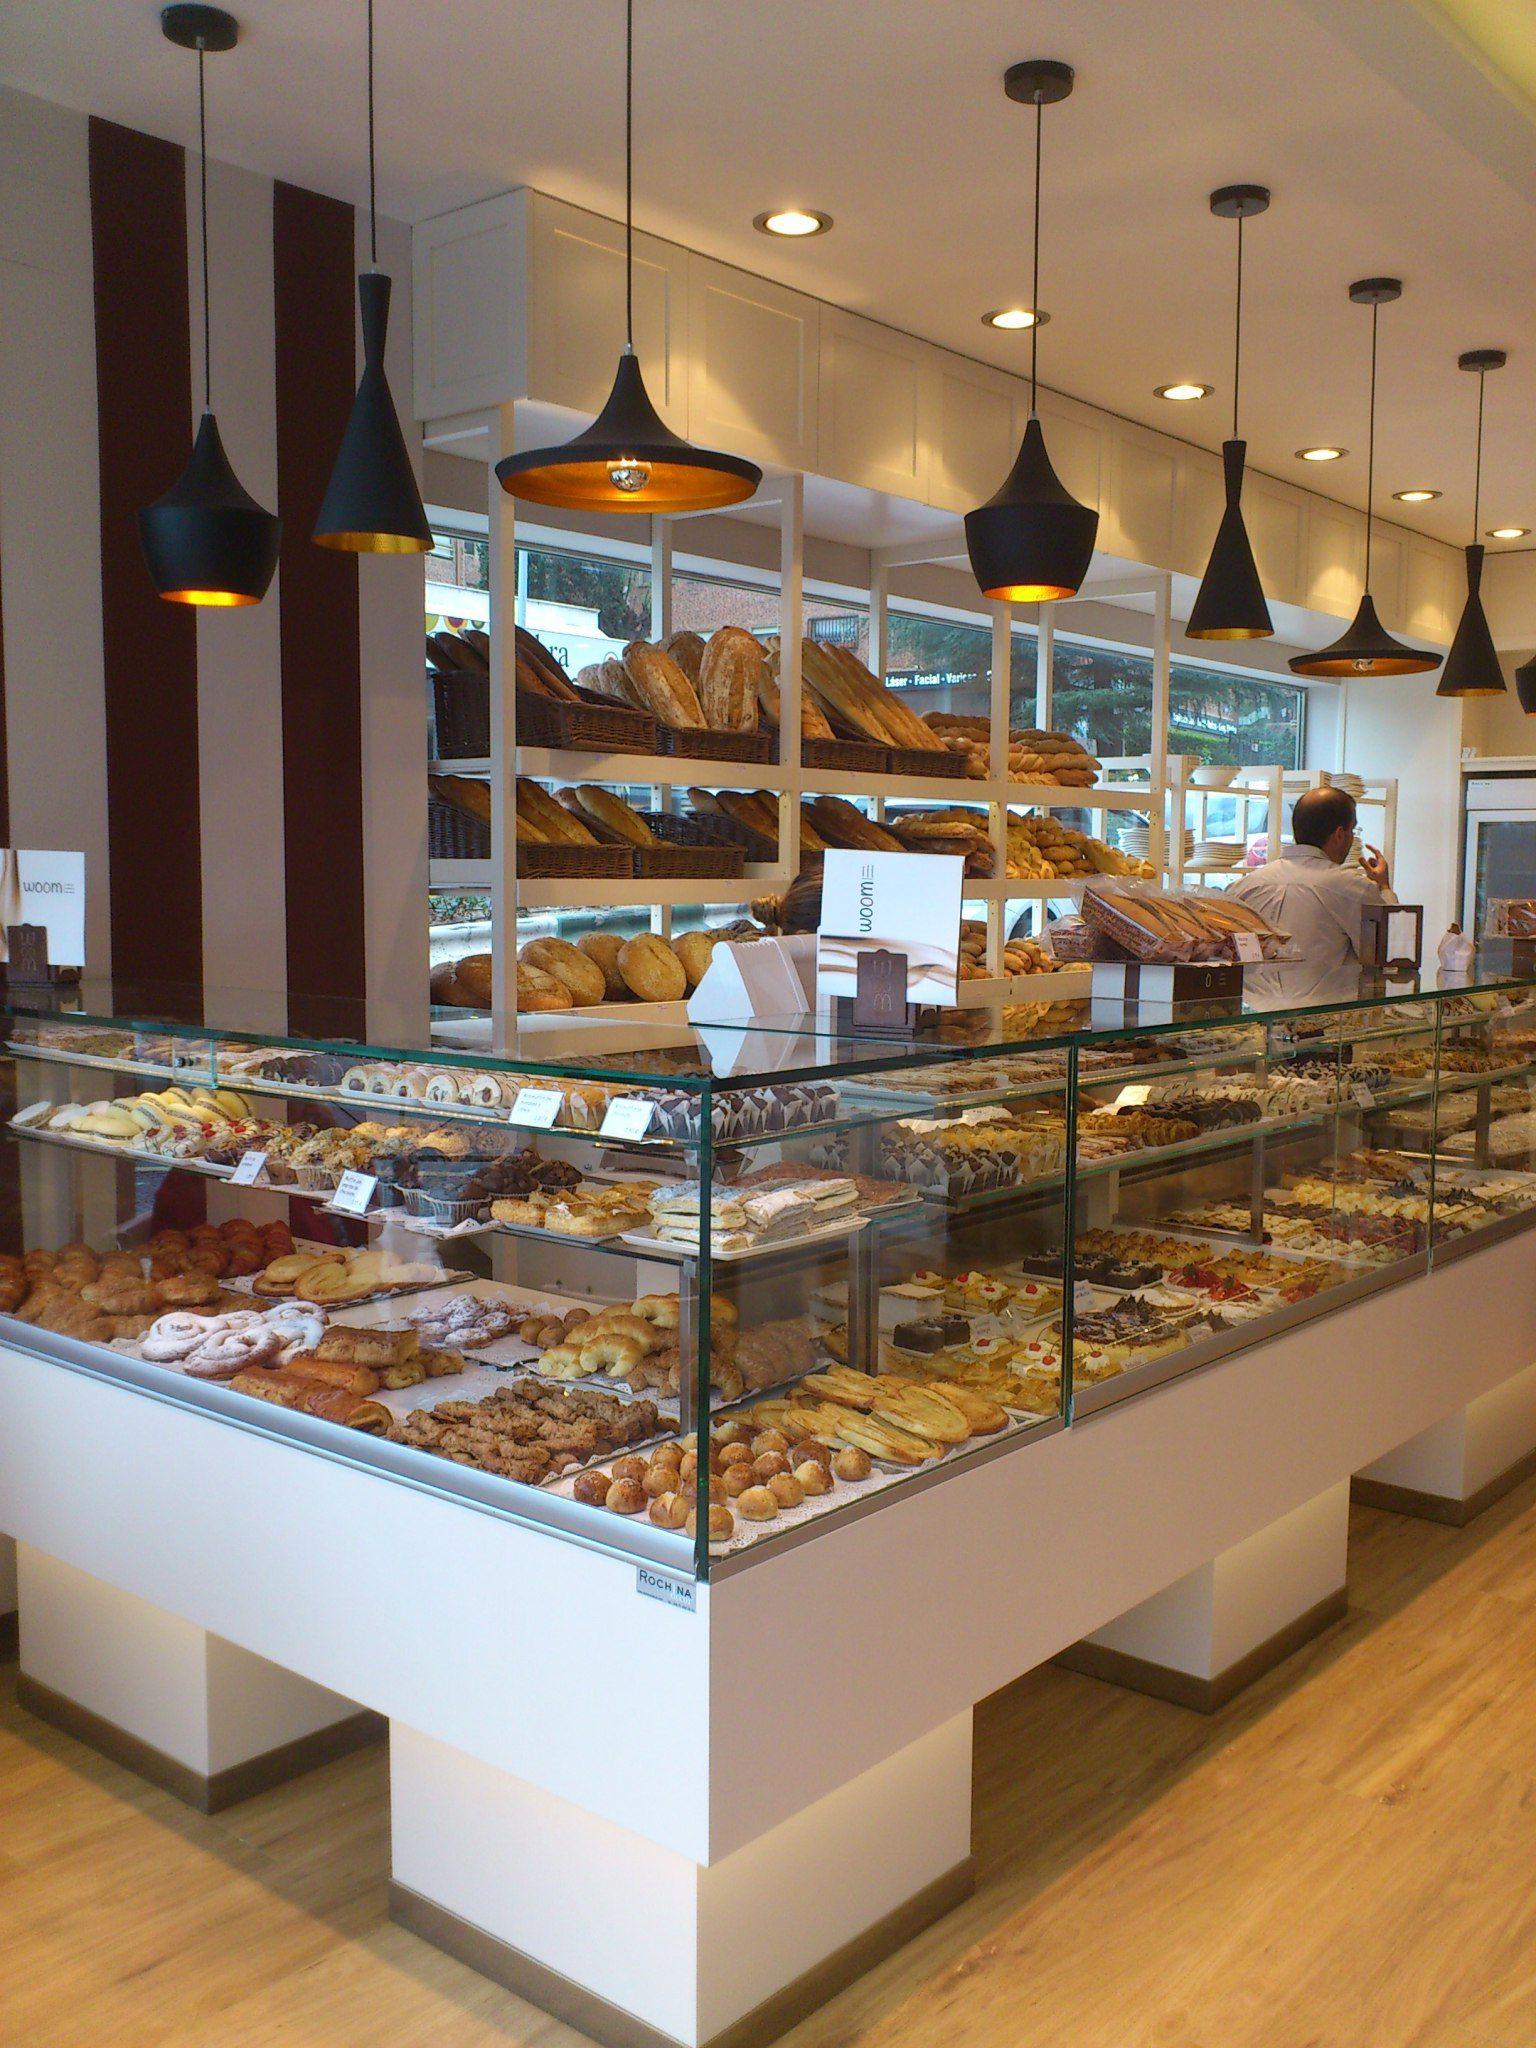 Decoracion diseno de panaderia rochinadecor 02 desayuno for Decoracion cafeterias modernas